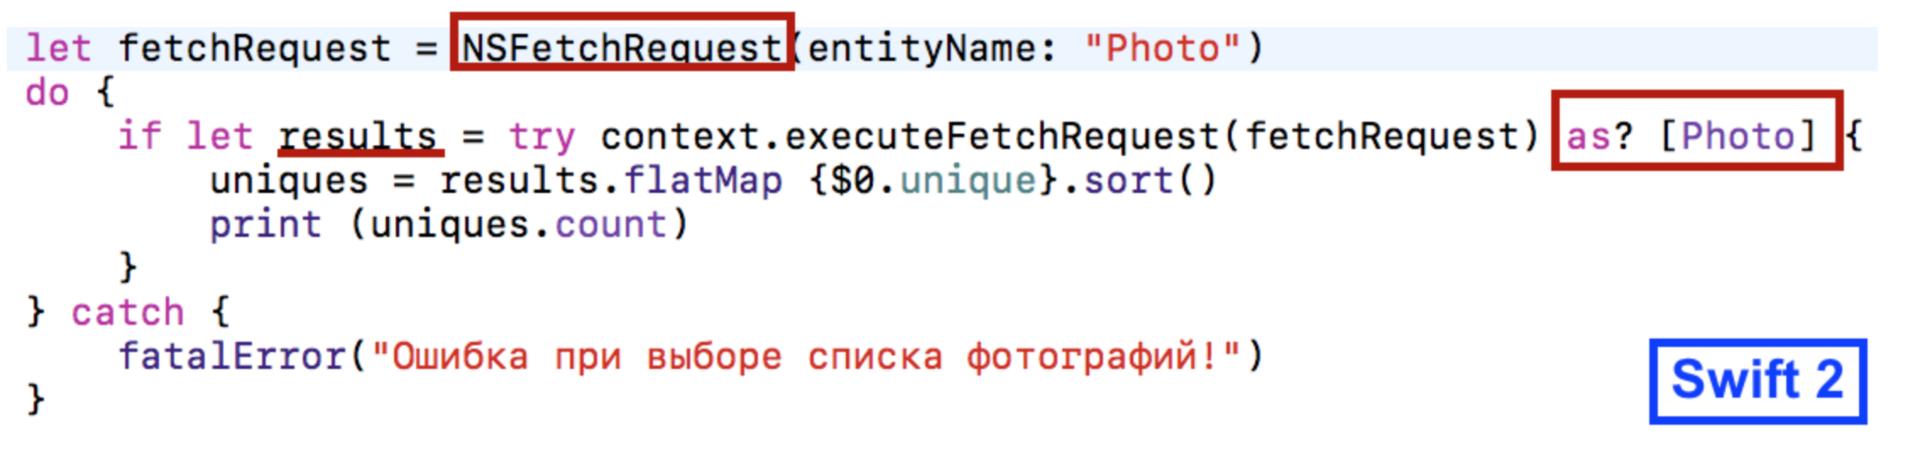 Переходим на Swift 3 с помощью миграционного «робота» в Xcode 8.1 и 8.2 - 40